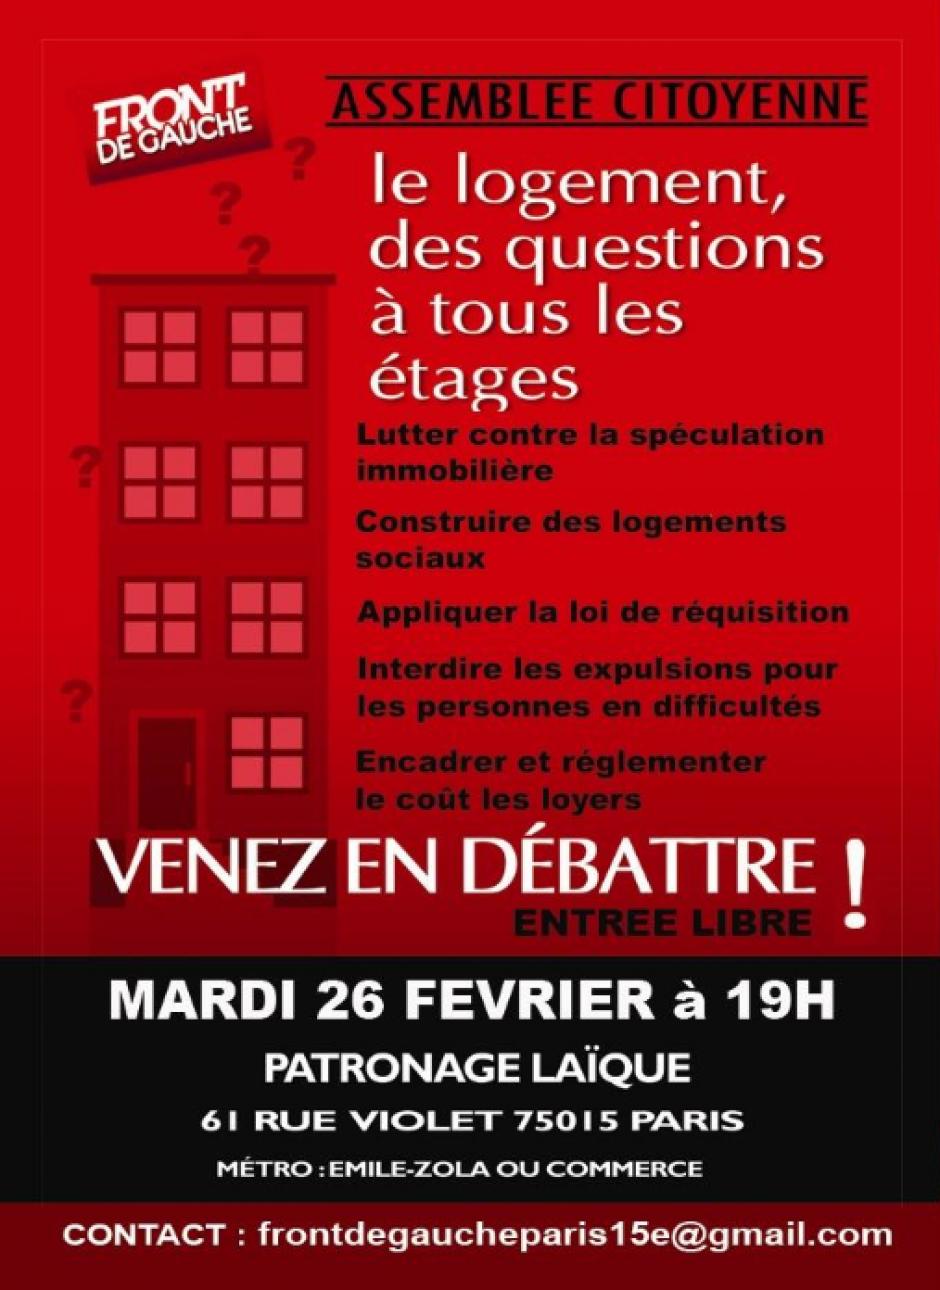 Le Logement : Compte-rendu de l'Assemblée Citoyenne du Front de Gauche